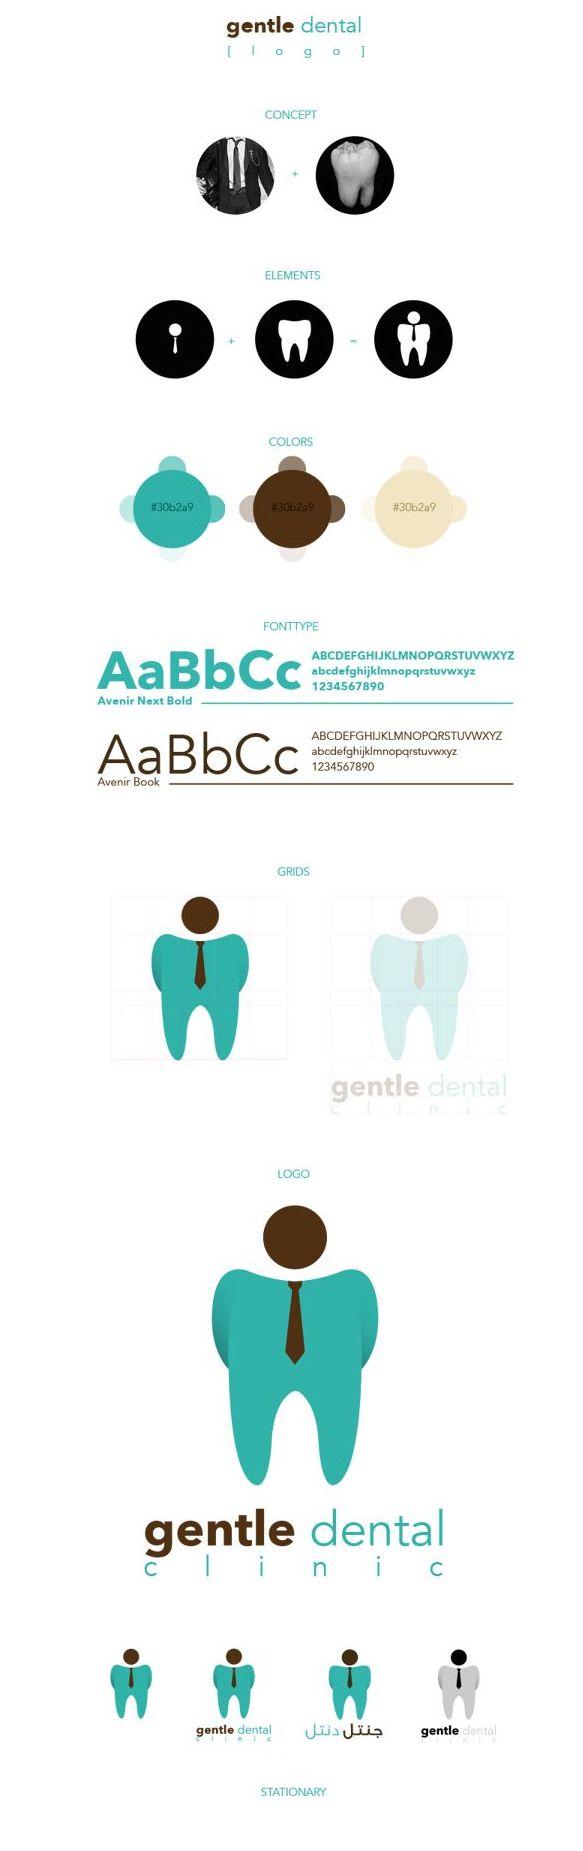 61 best Dental Marketing images on Pinterest   Dentists, Dentist ...